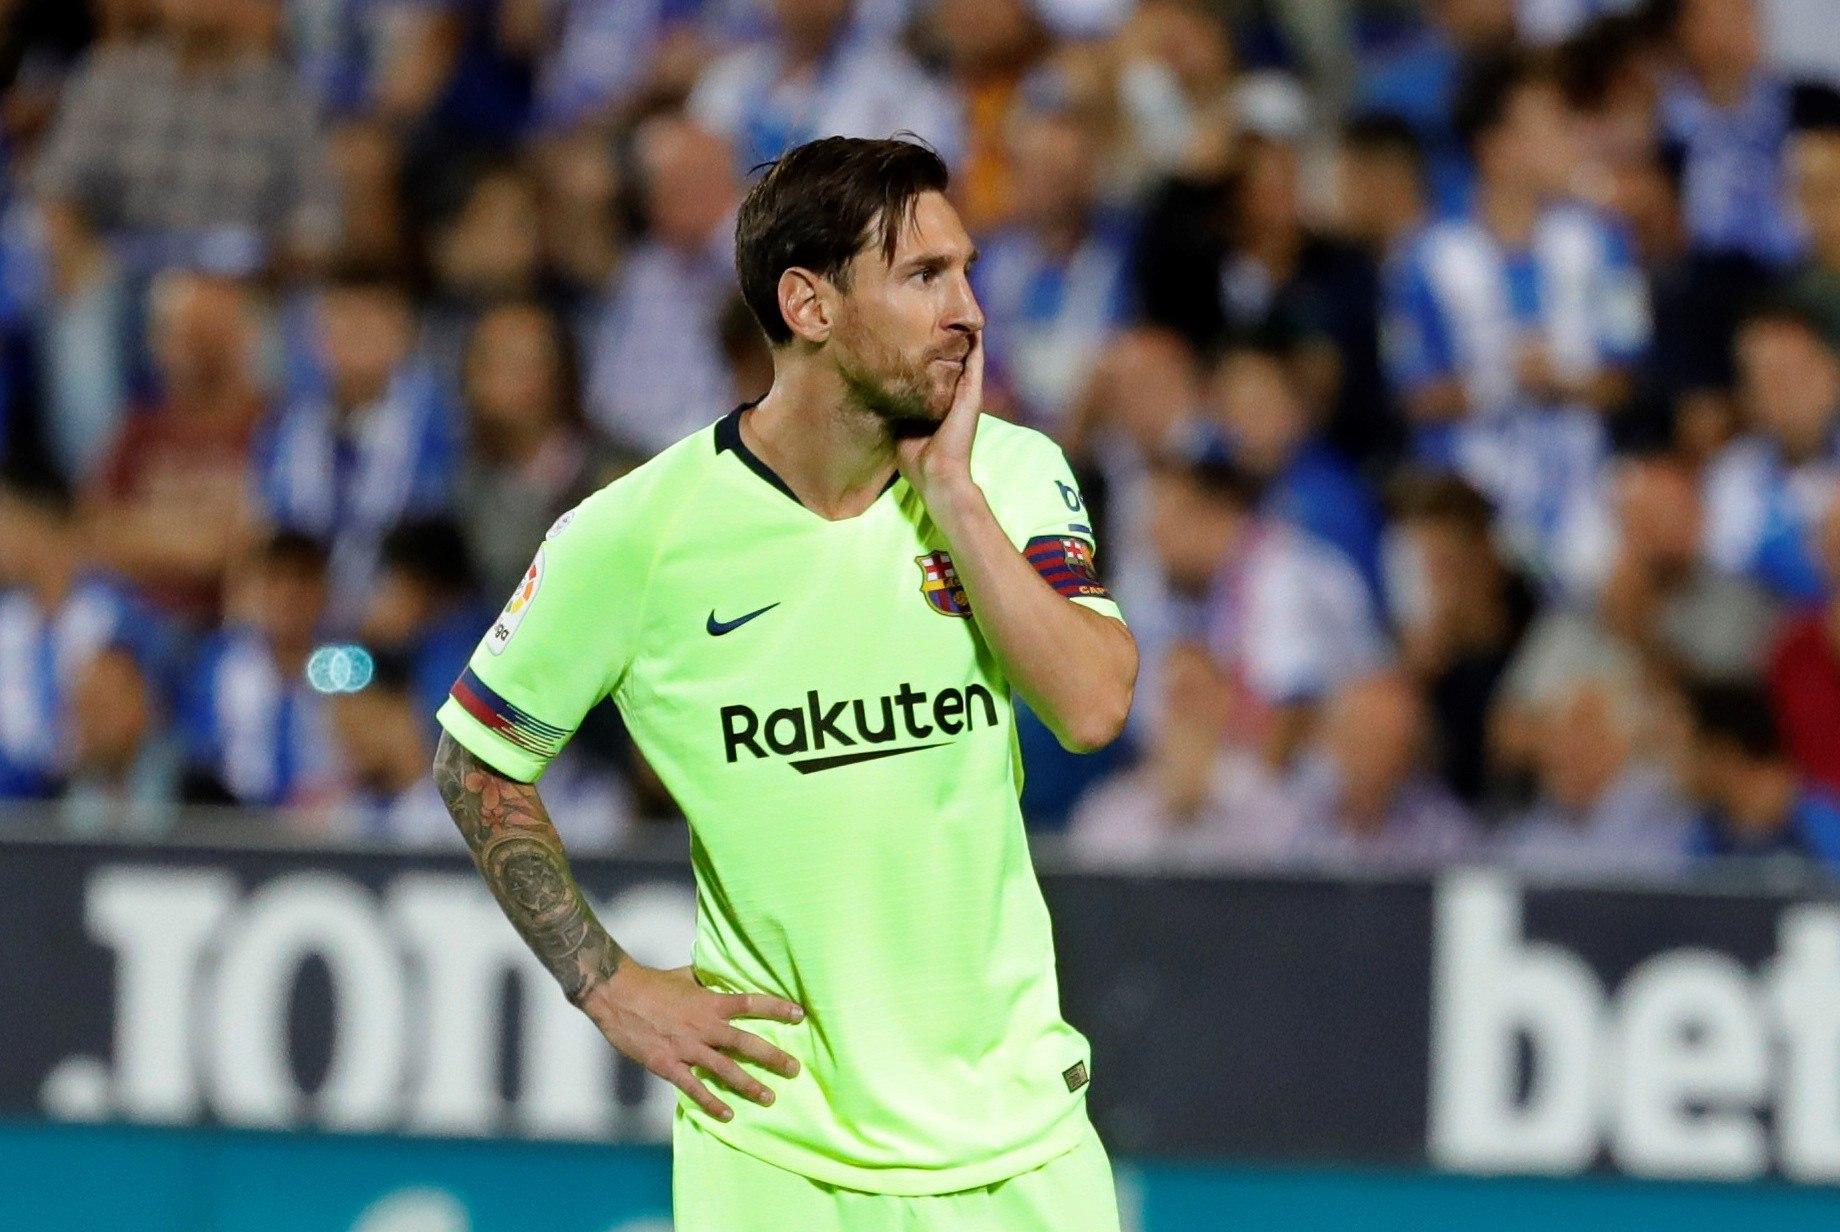 Después de Messi... - El penúltimo raulista vivo - Libertad Digital 0b00a01aa07ed